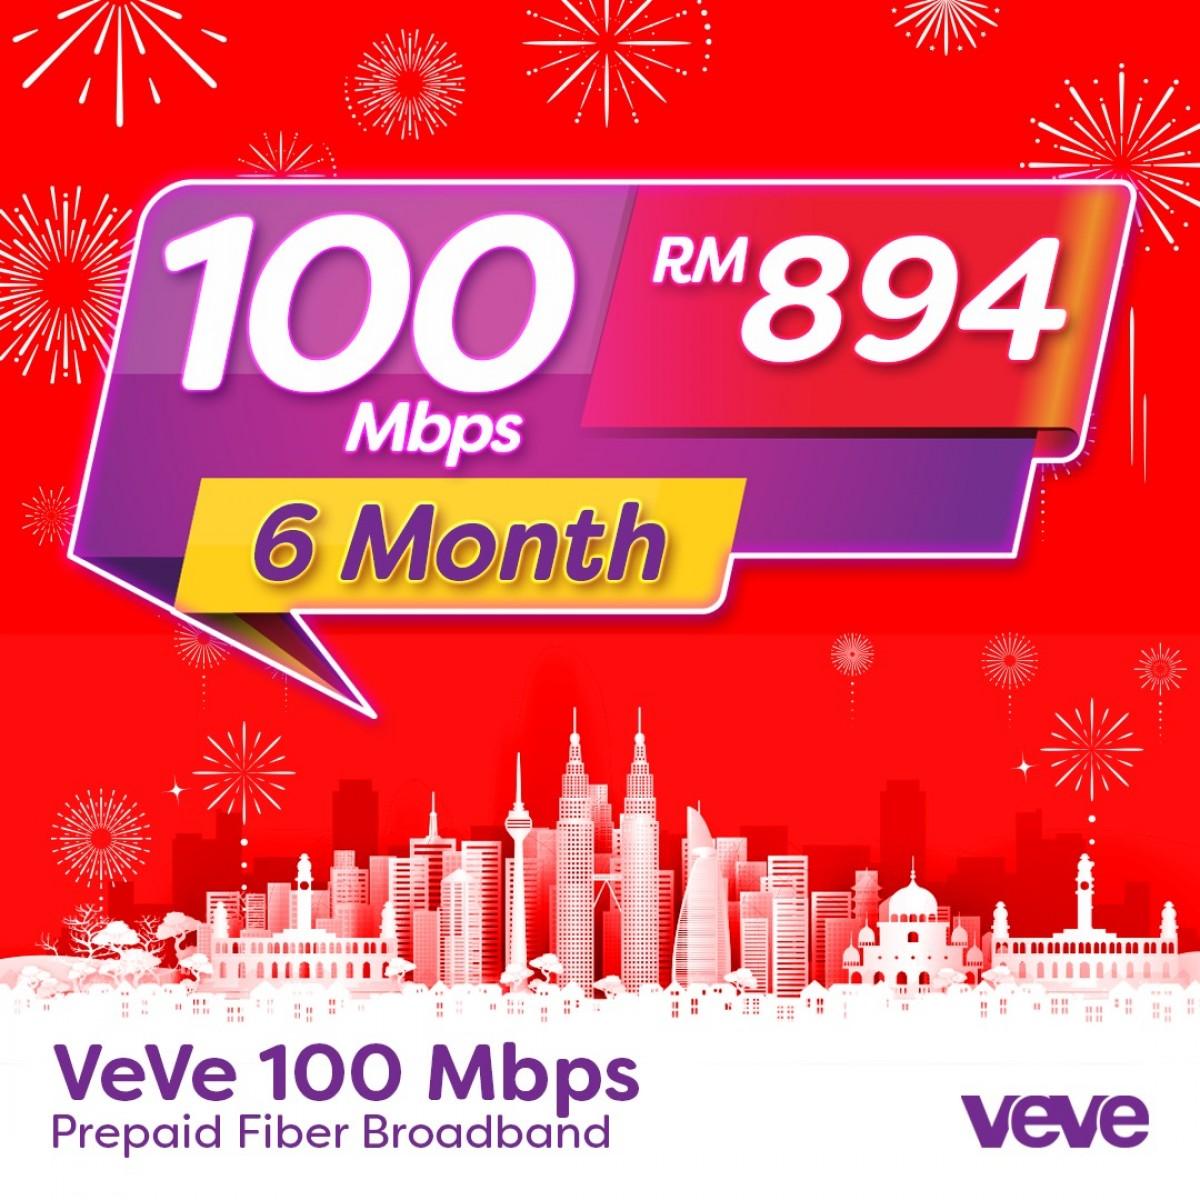 VeVe 100 Mbps Home Fibre (6 Month) - VEVE